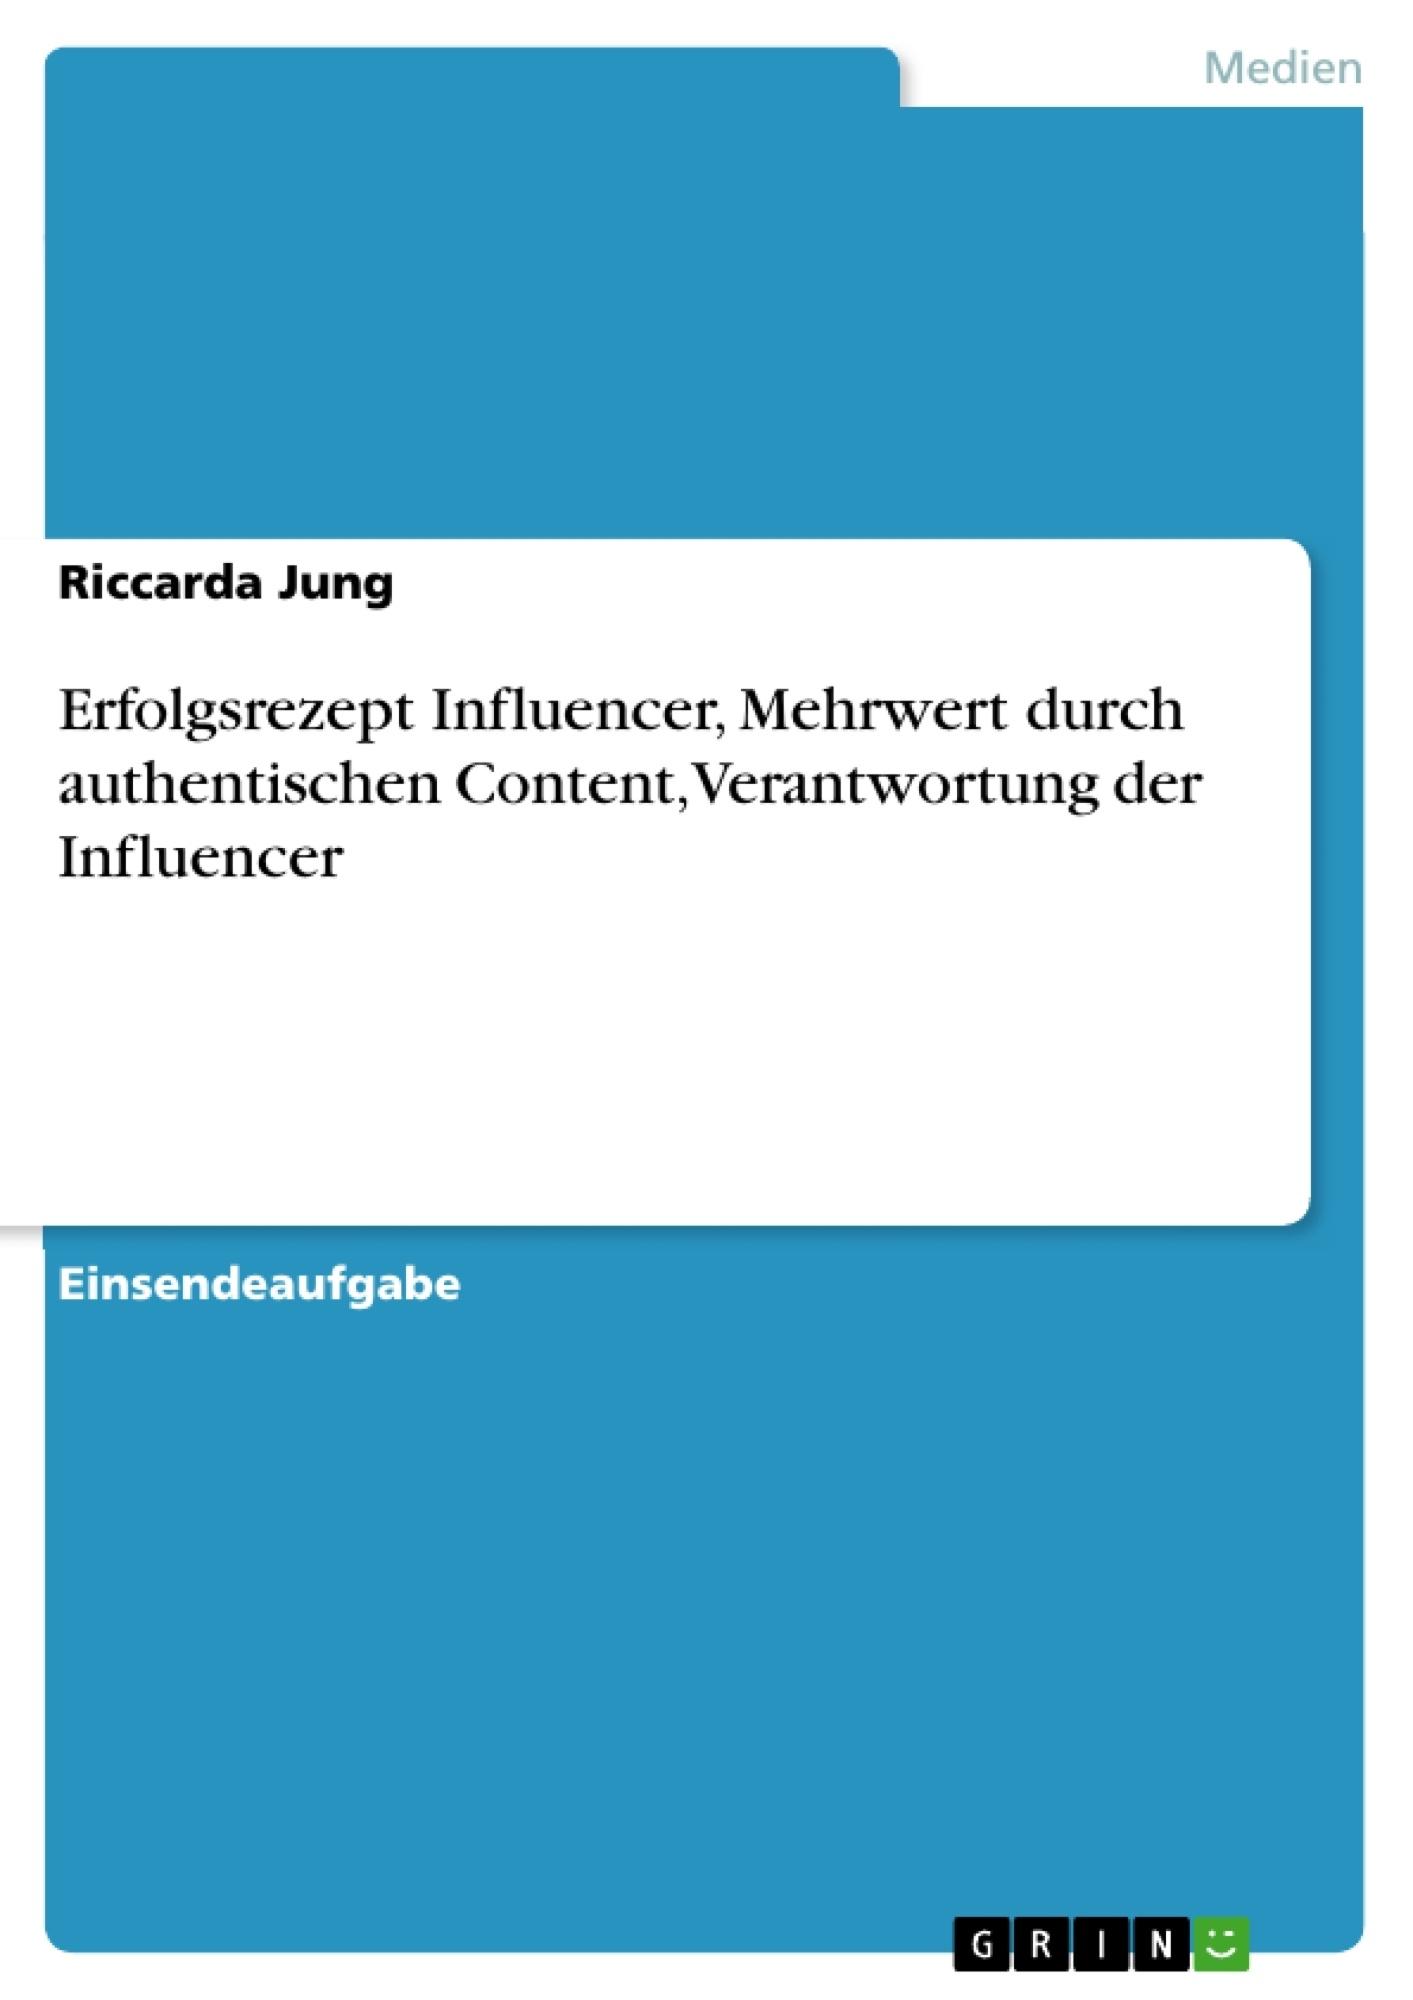 Titel: Erfolgsrezept Influencer, Mehrwert durch authentischen Content,Verantwortung der Influencer